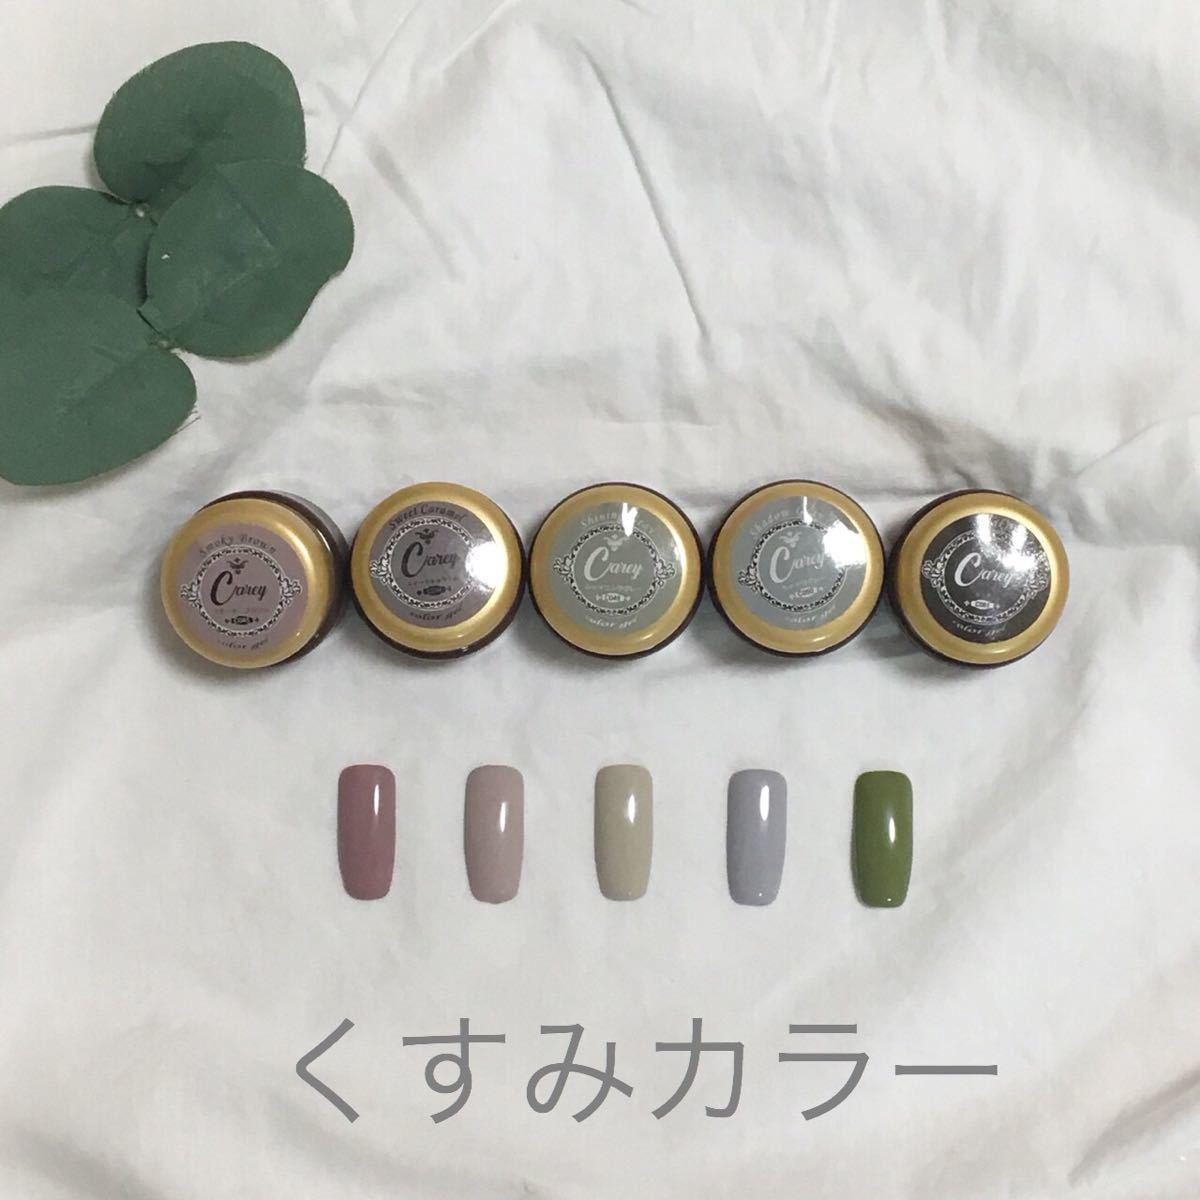 【カラー変更可】くすみカラージェル ジェルネイル